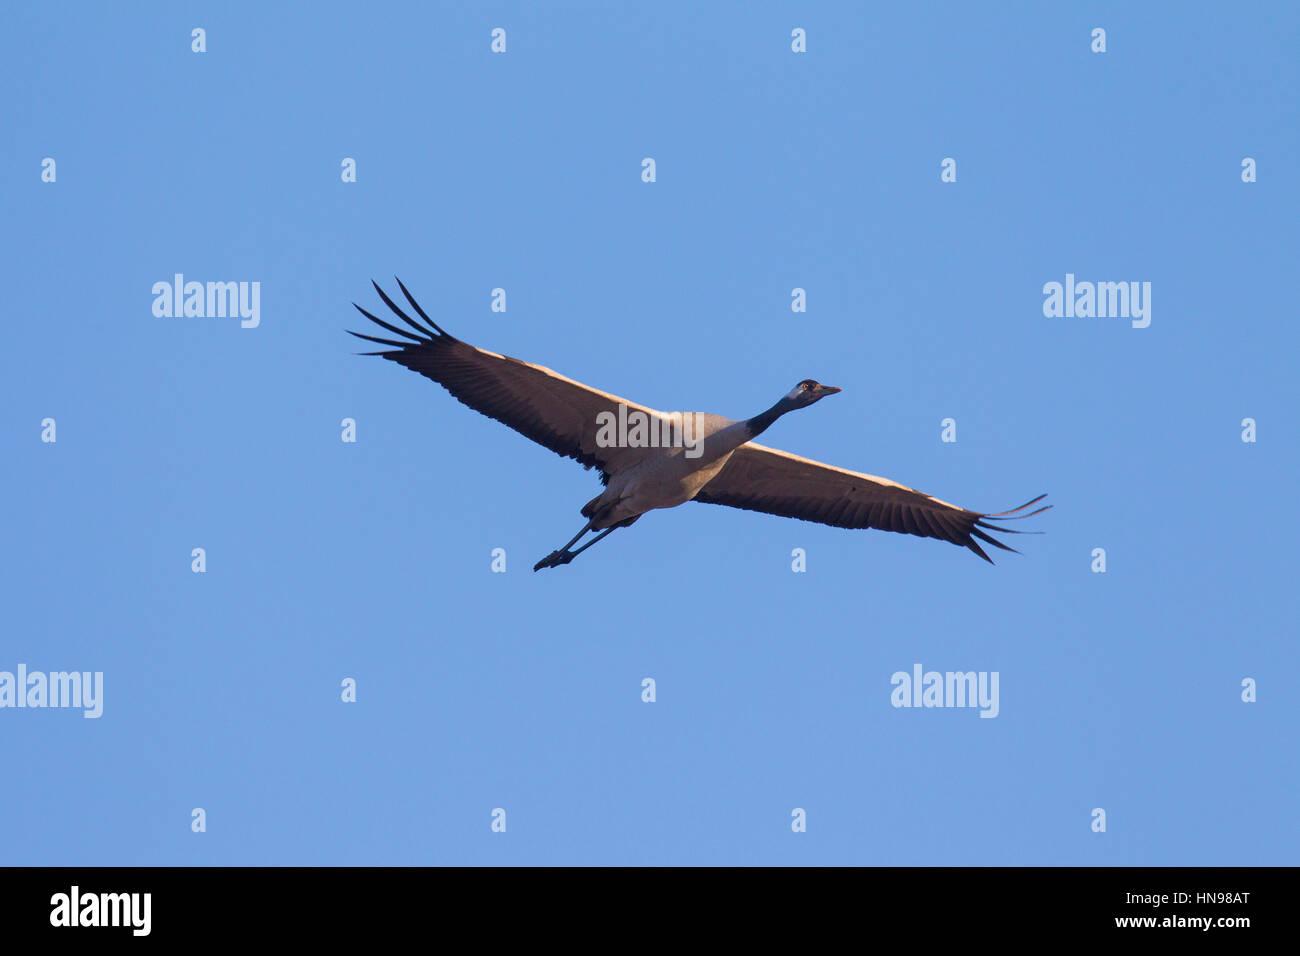 Common Crane / Eurasian Crane (Grus grus) flying against blue sky in autumn - Stock Image